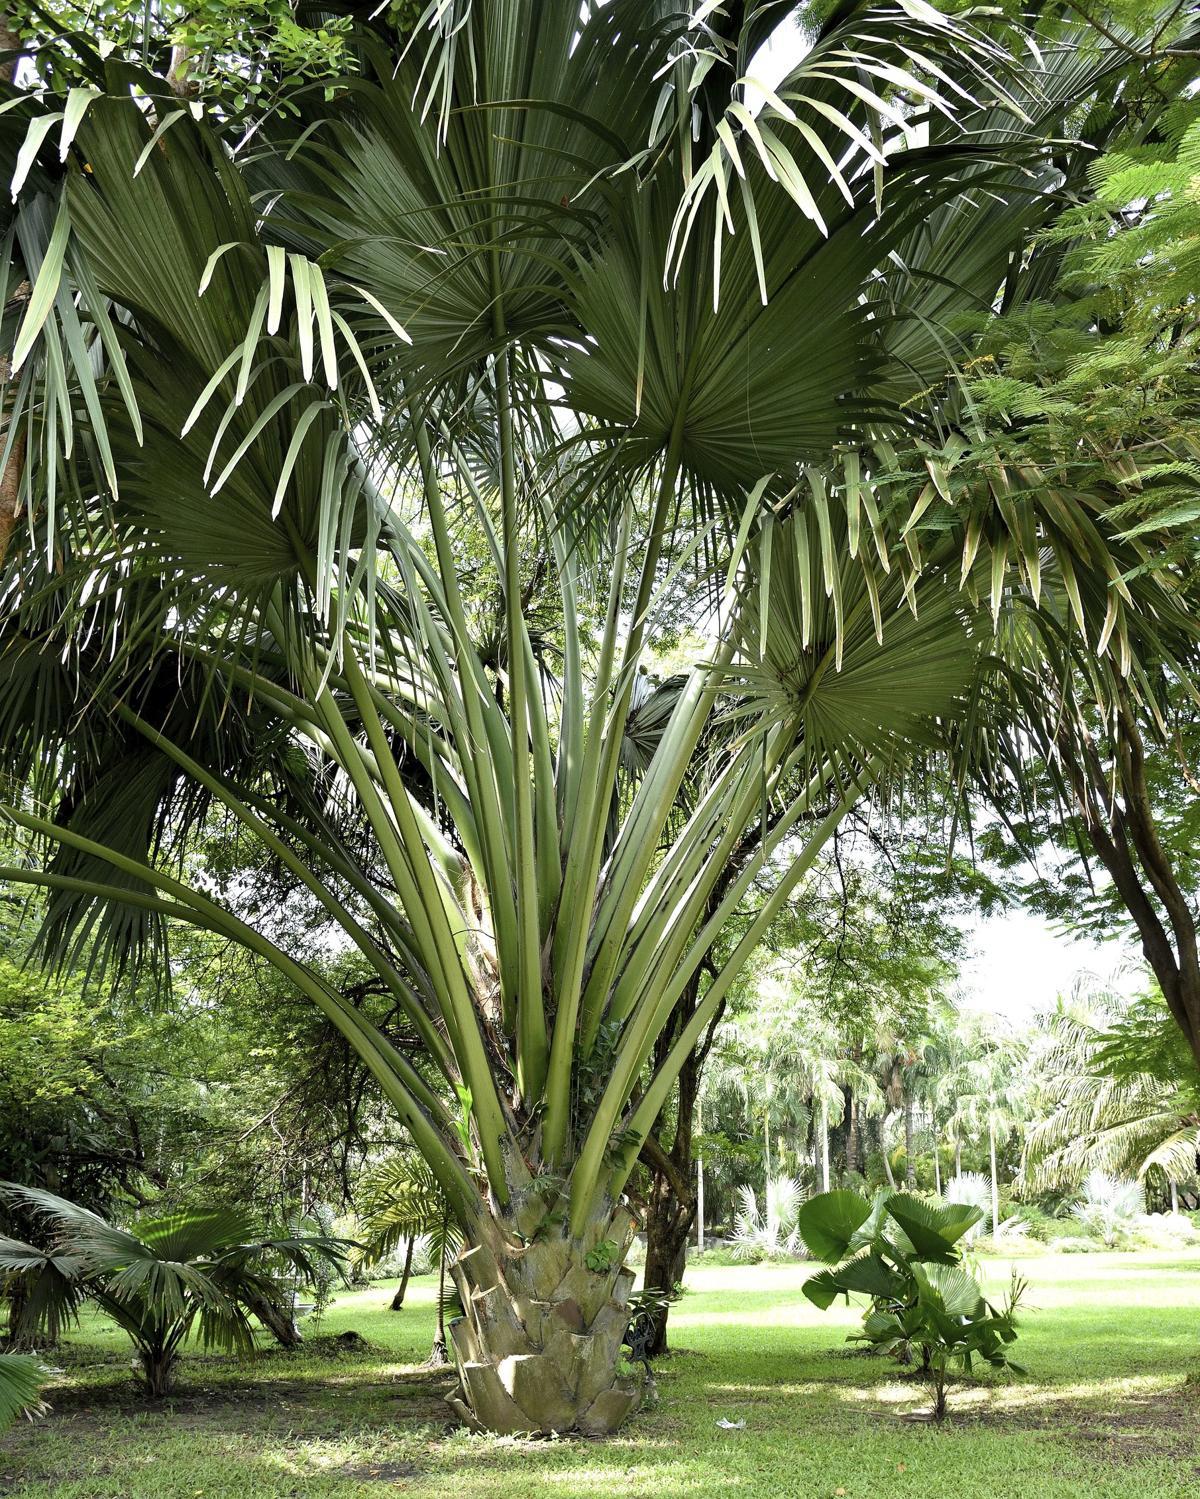 1200-84645357-fiji-fan-palm-tree Palm Trees Backyard Design Ideas on palm trees garden design, fruit trees backyard design ideas, palm trees deck, palm trees landscaping ideas,